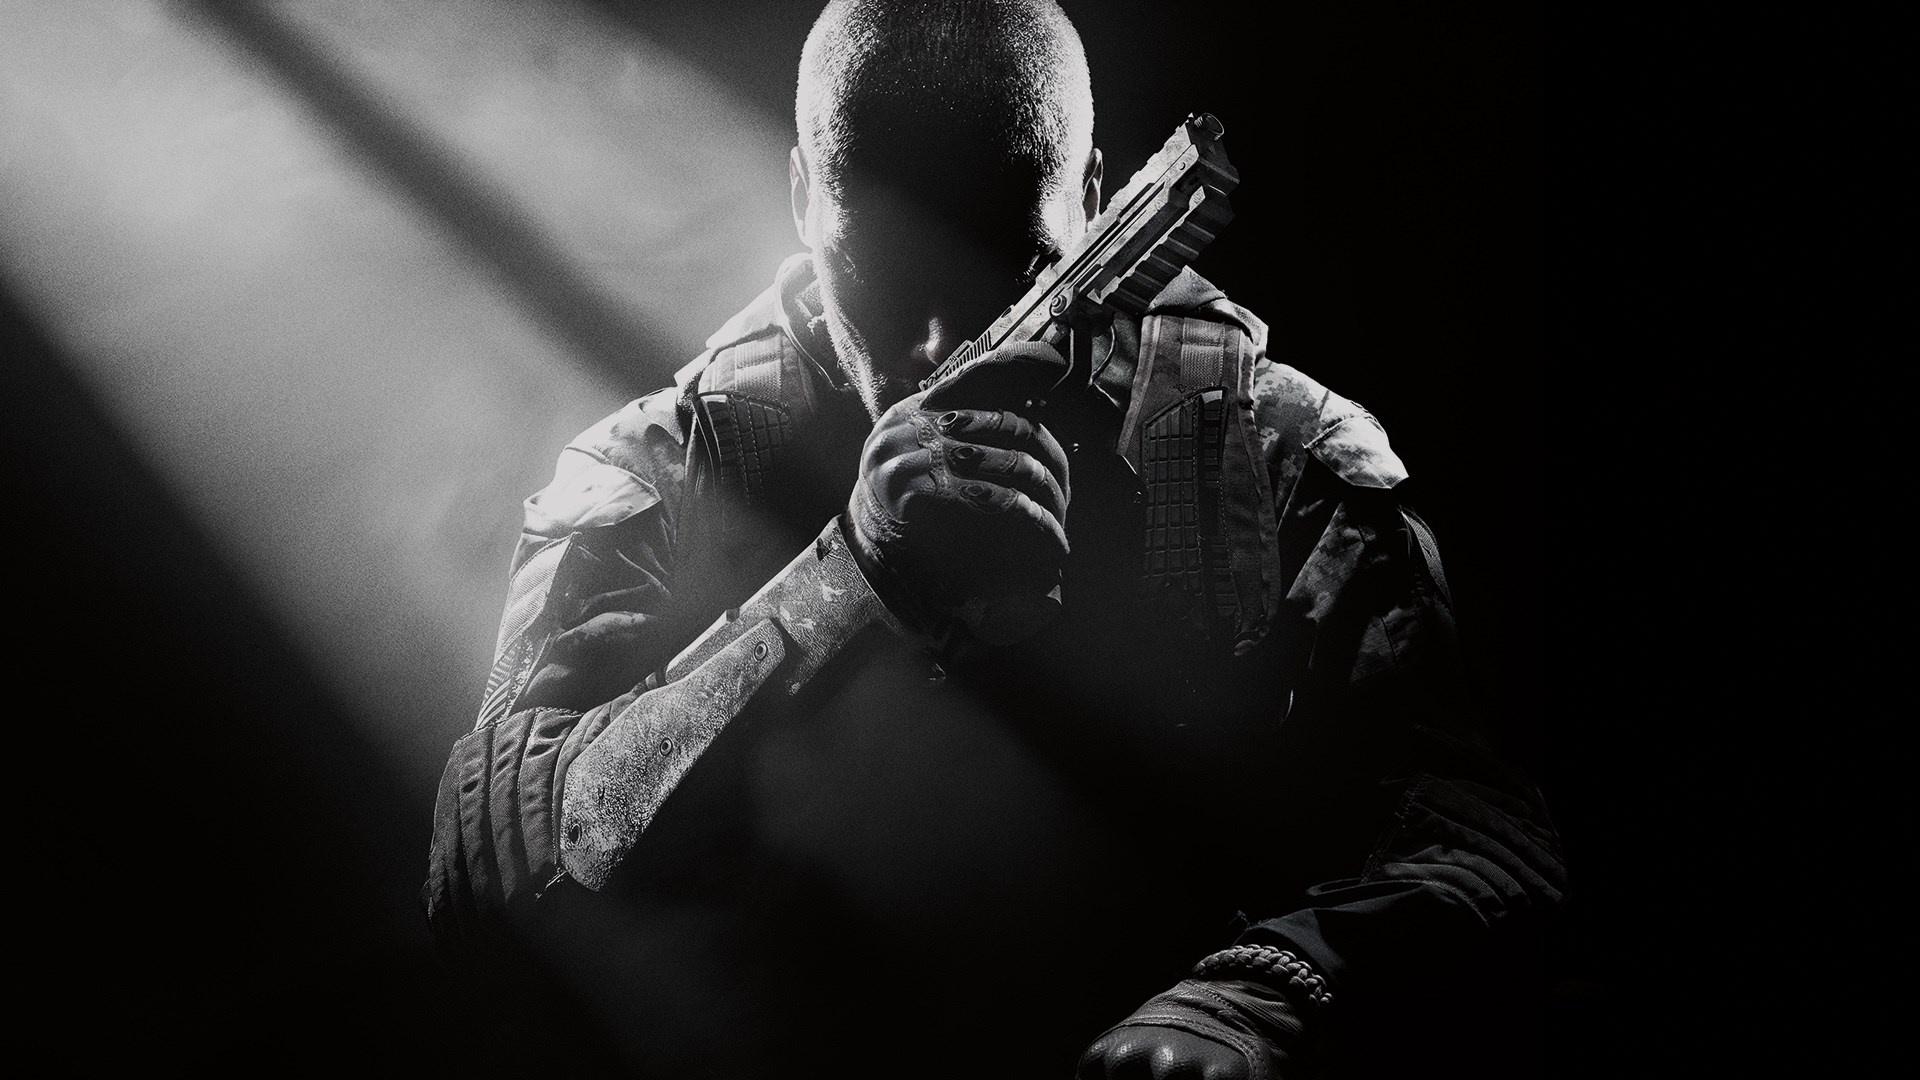 СМИ: новая Call of Duty будет во вселенной Black Ops, но её назовут иначе